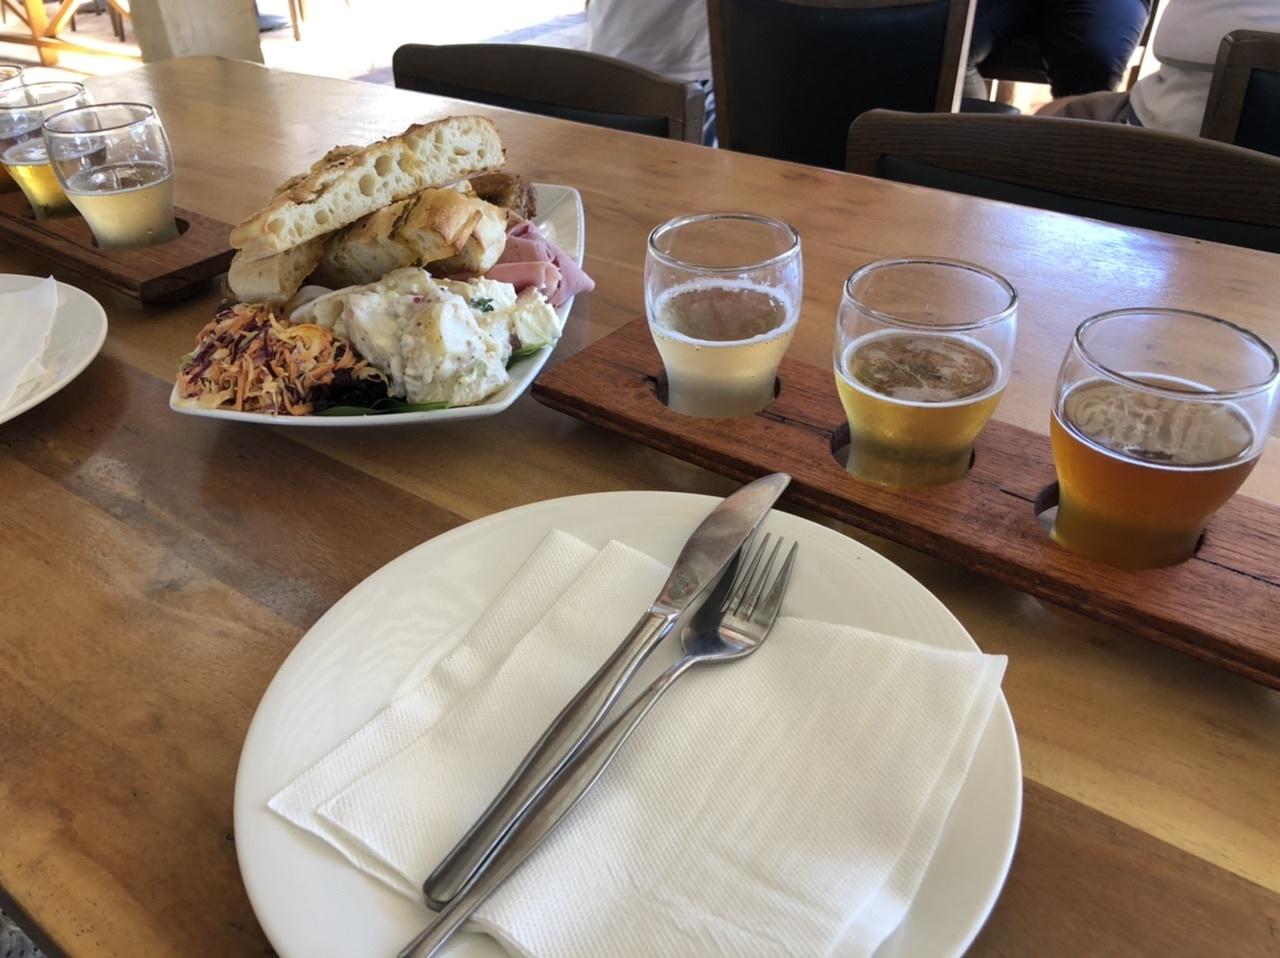 ランチにはビール4種、ワイナリーは数種類試飲できました。 バセルトン・ジェティで夏のインド洋を、ケープ・リーインで冷たい南極海が見れました。  送迎の場合はCrown Perthホテルでそれぞれのツアーバスに乗換えます。各観光場所は30分程度の停車、ランチとディナーは1時間程度です。時間がタイトなので途中休憩はなく、トイレはバスに付属しています。ディナーは車内で予約表が回覧されますが、支払いは現地(クレジット可)です。また、2日プランの乗客も合同で、マーガレット・リバーで乗客を乗せ換えてました。